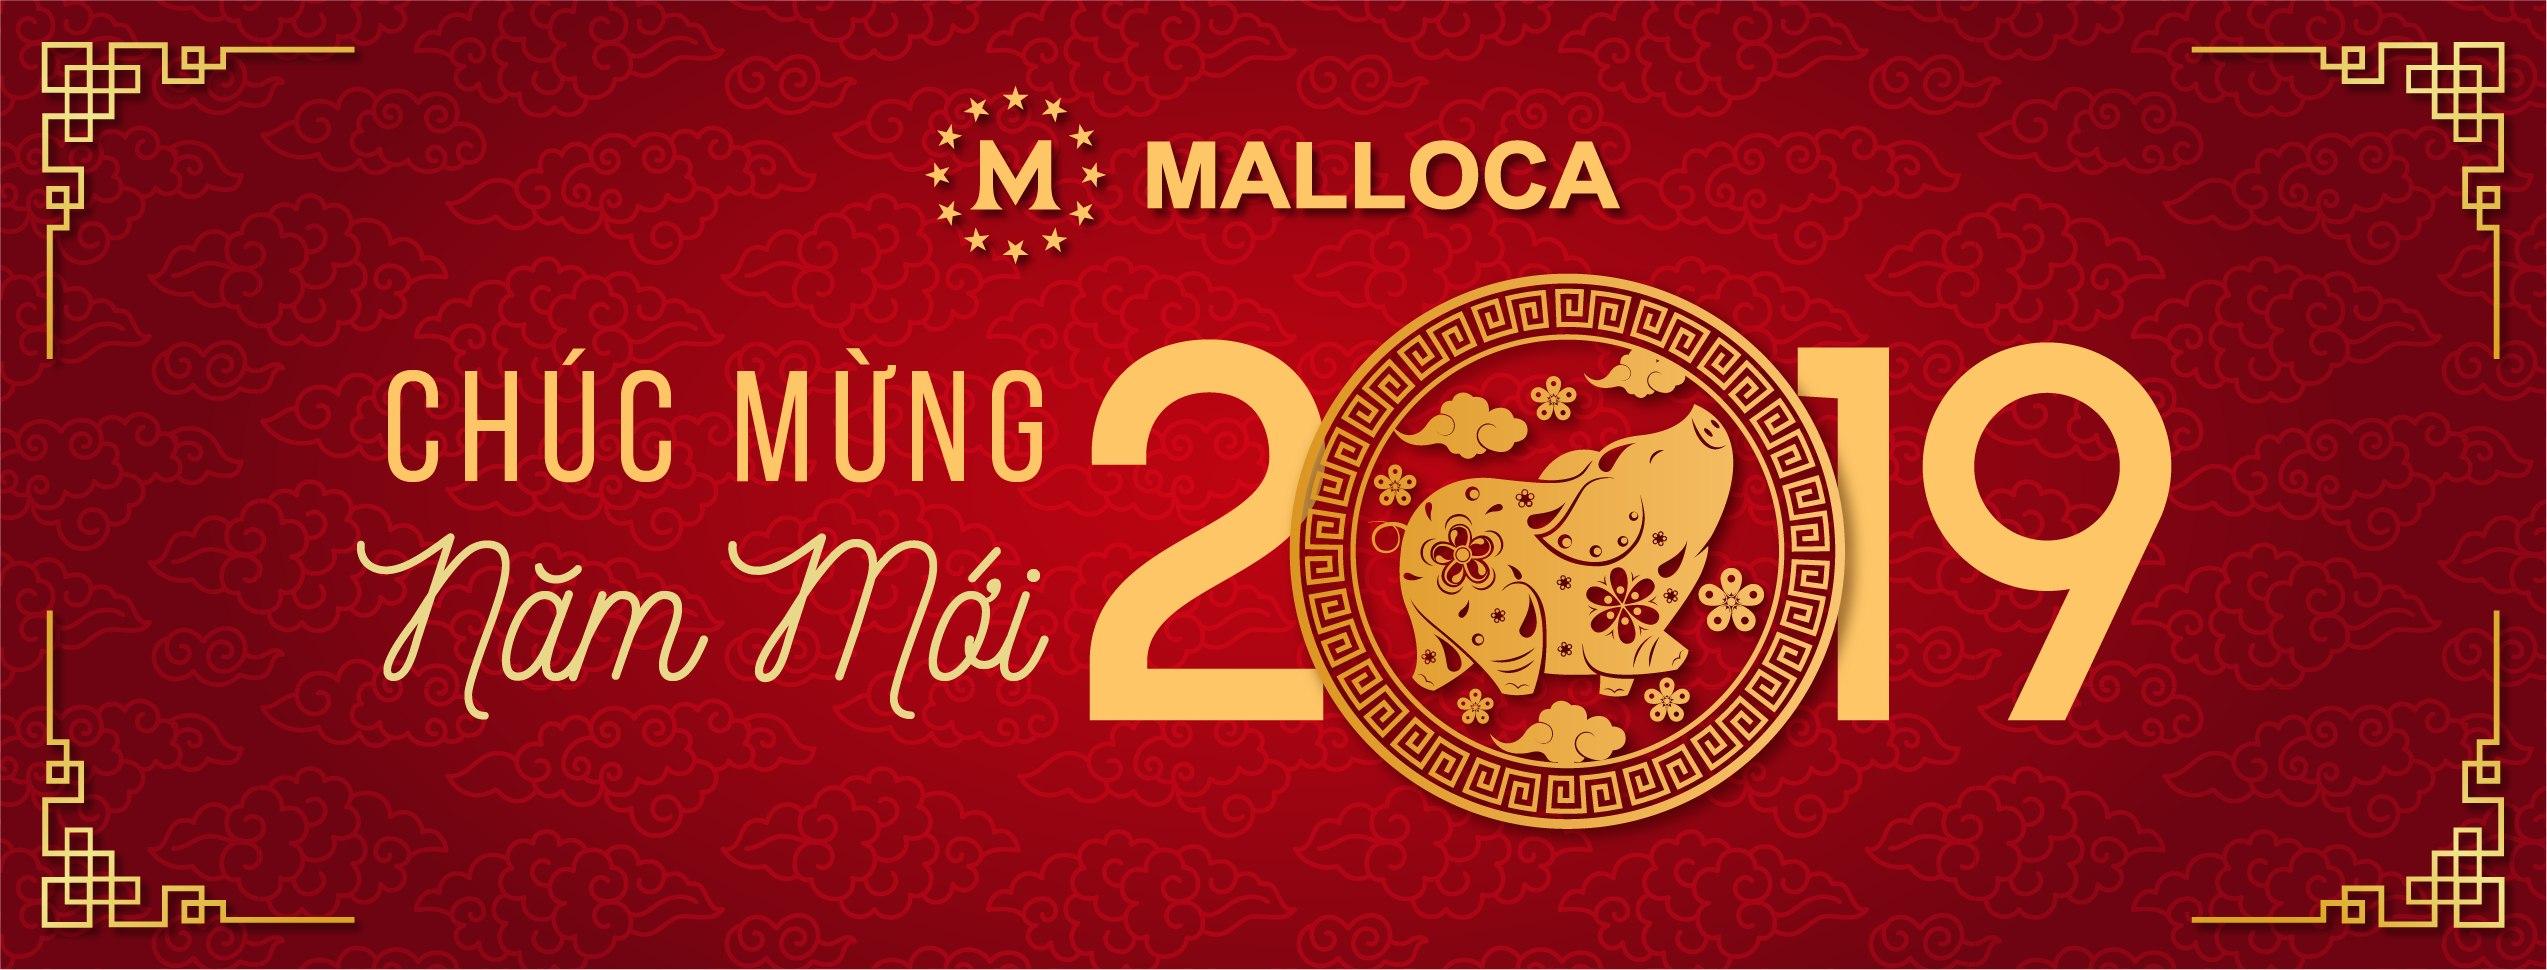 MALLOCA - CHÚC MỪNG NĂM MỚI 2019